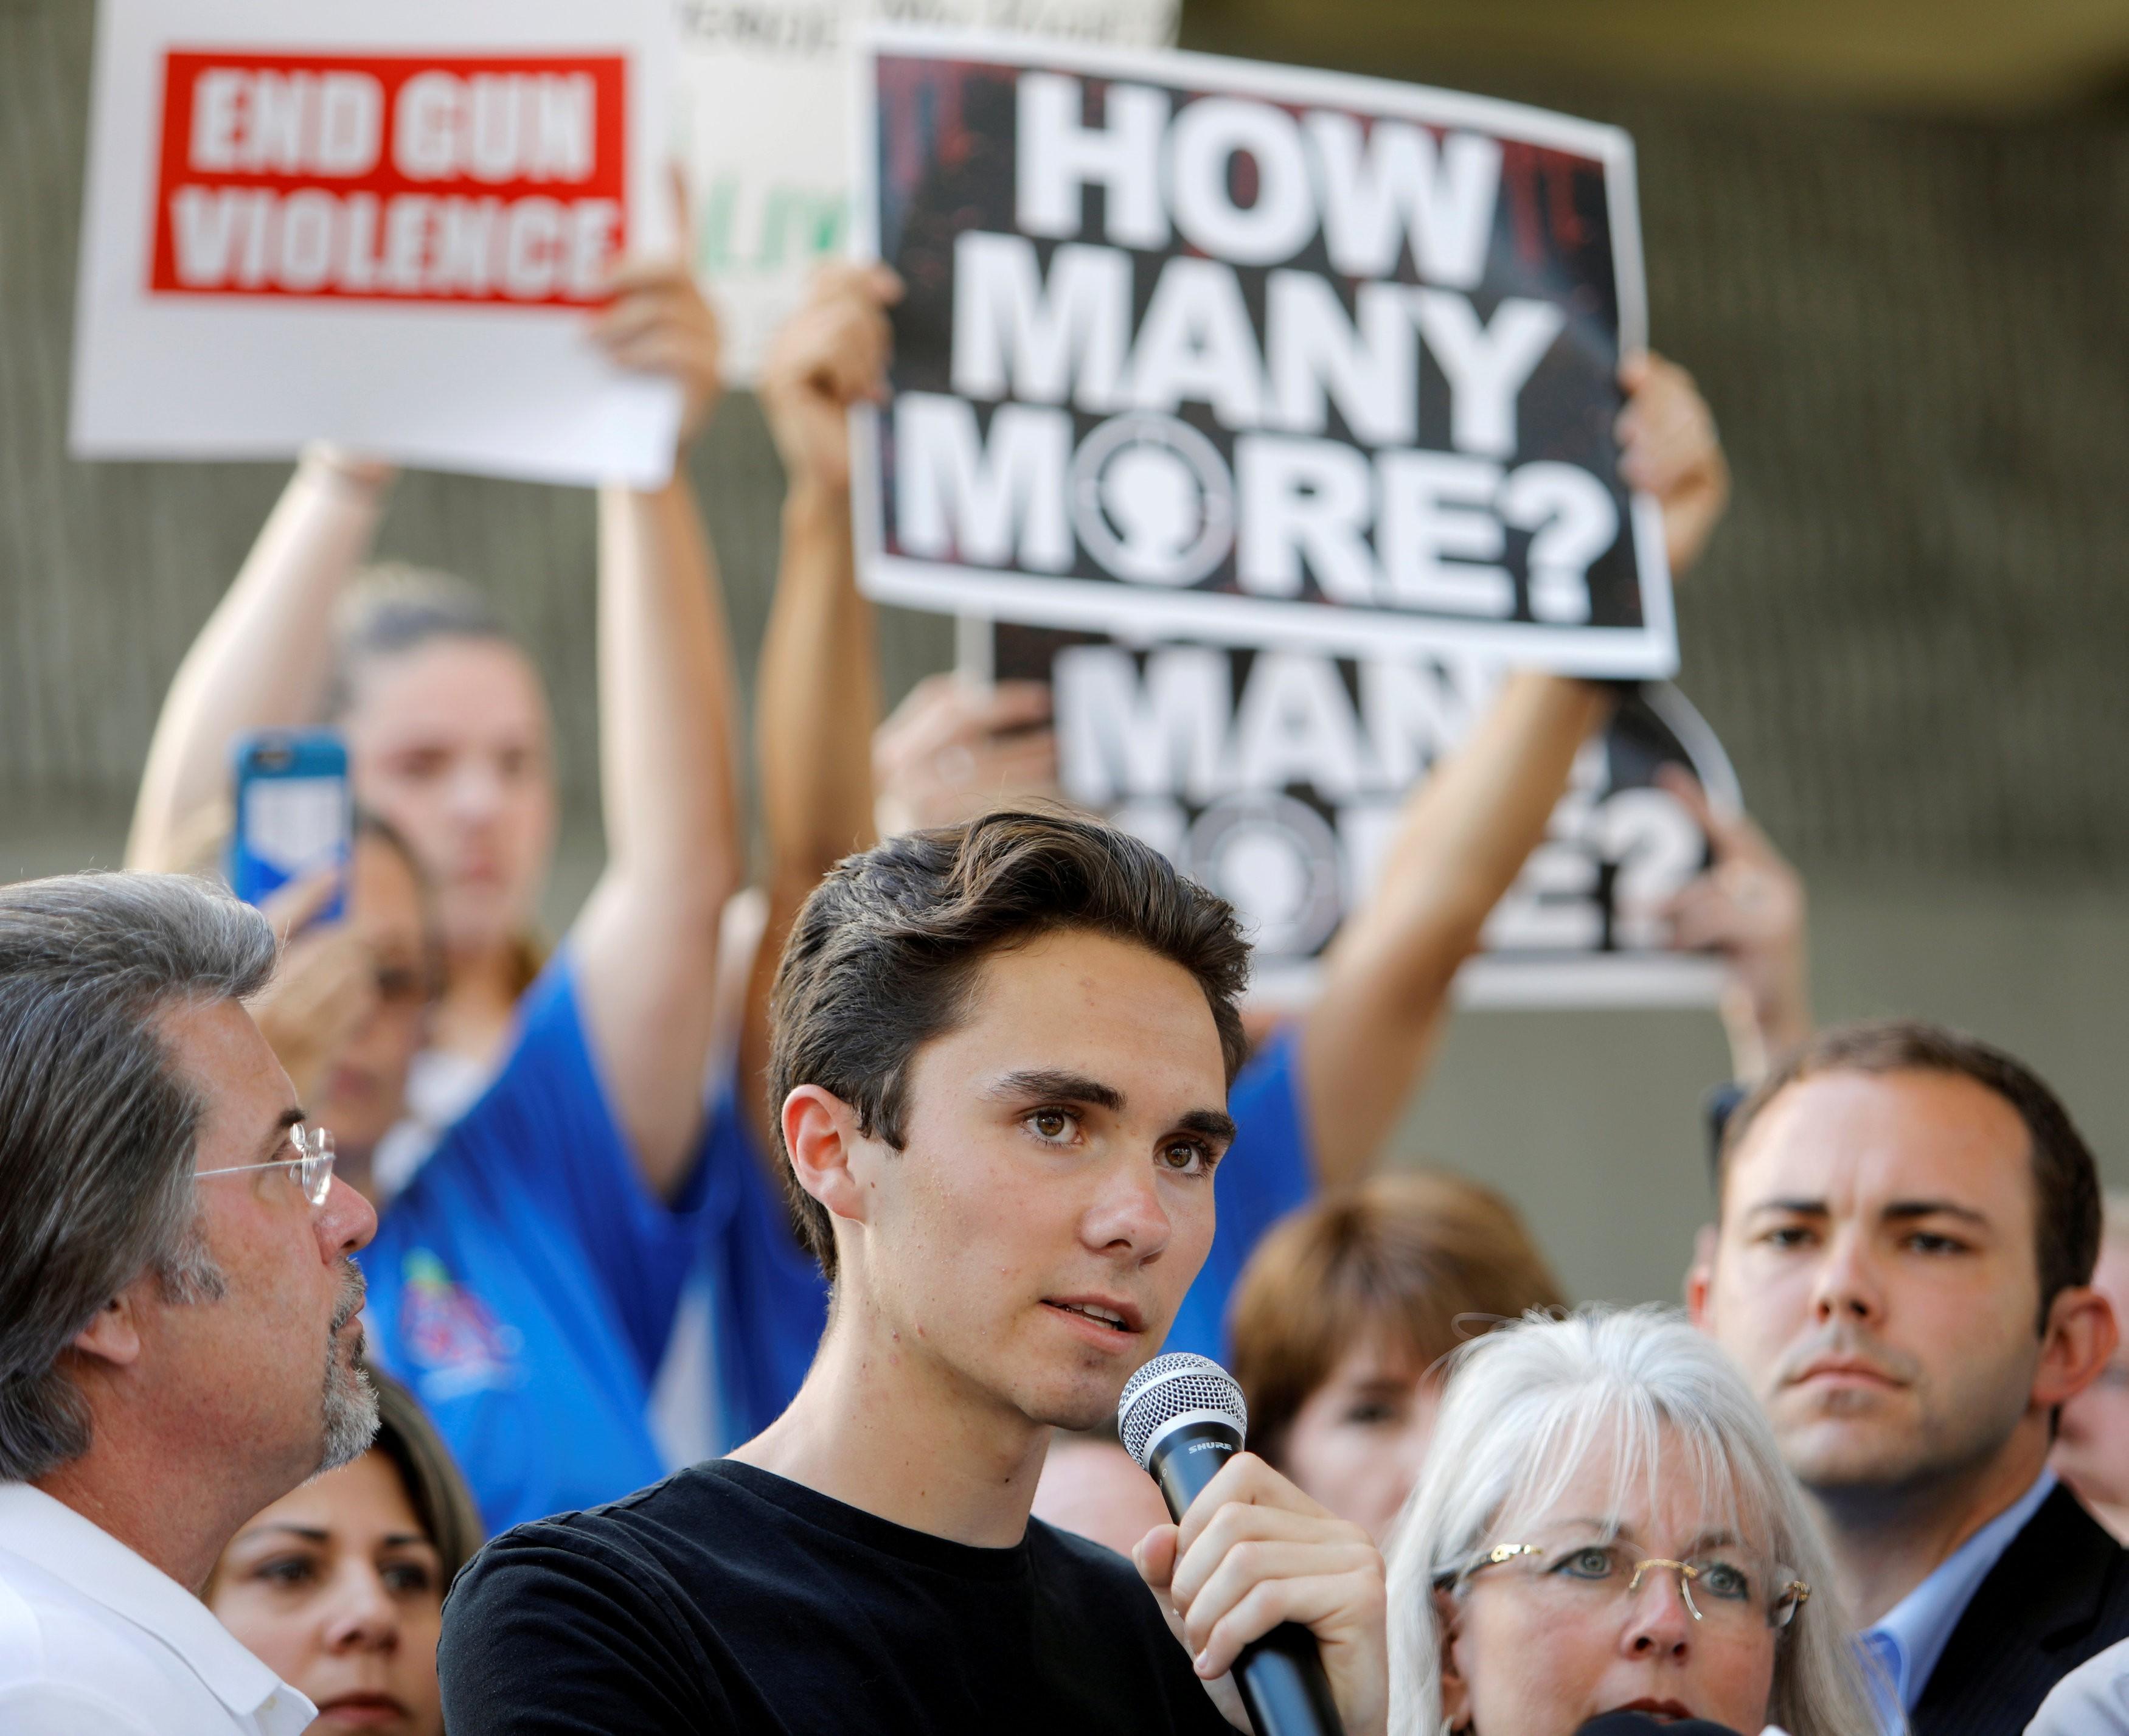 Sobreviventes de tiroteio em escola pedem que turistas boicotem a Flórida